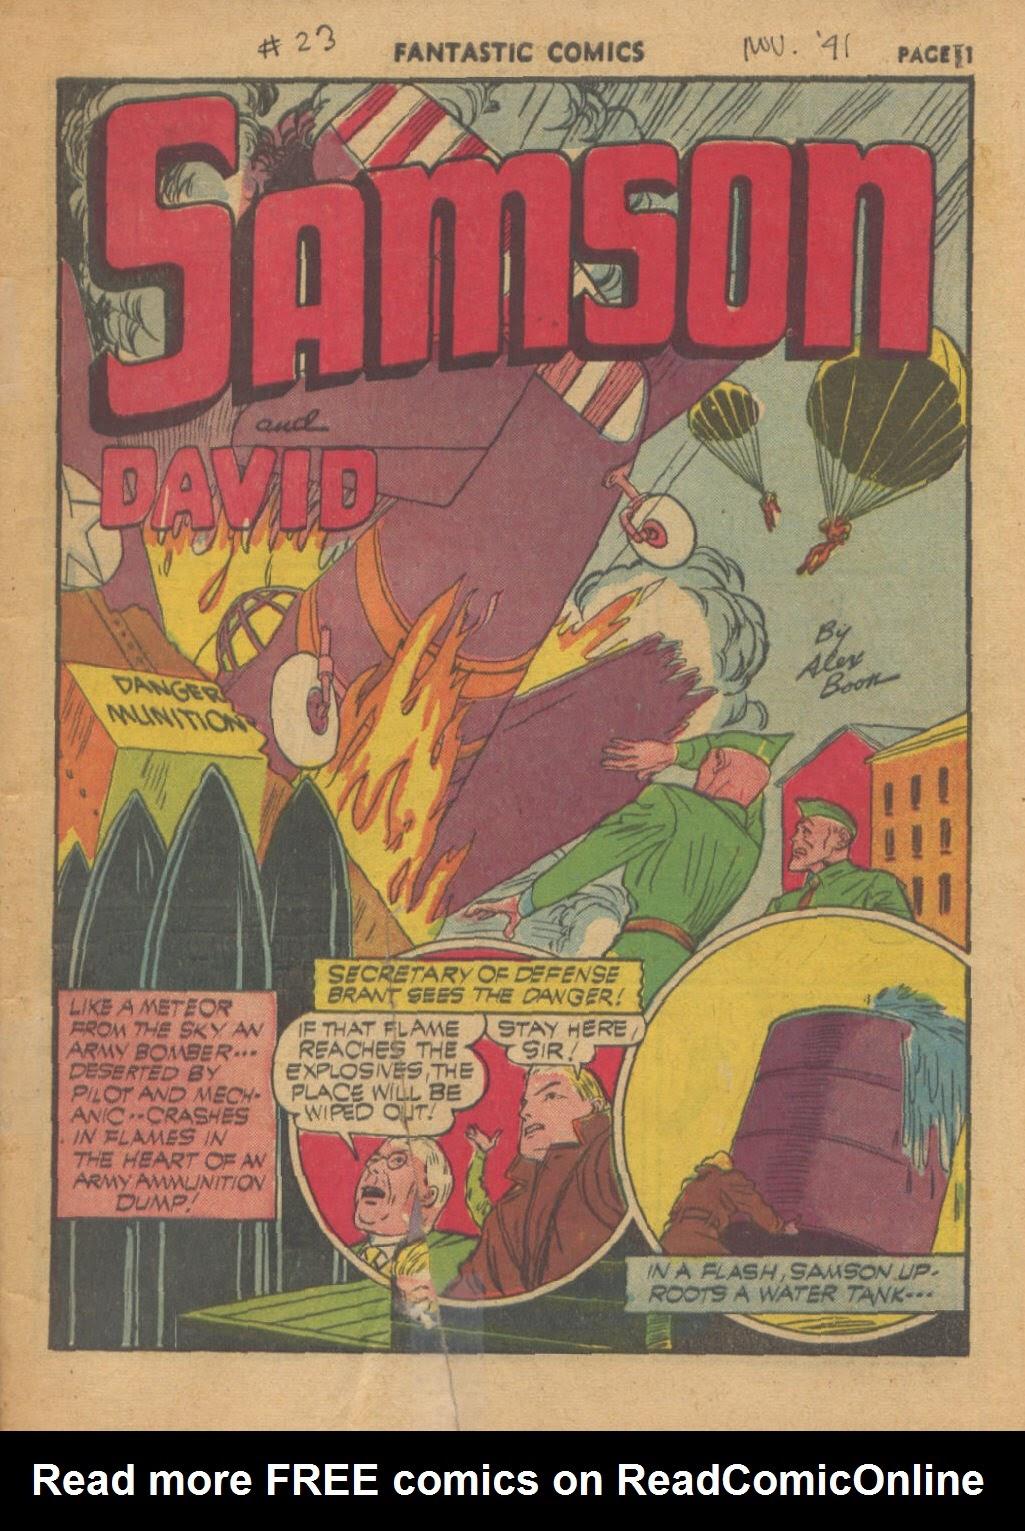 Fantastic Comics 23 Page 2